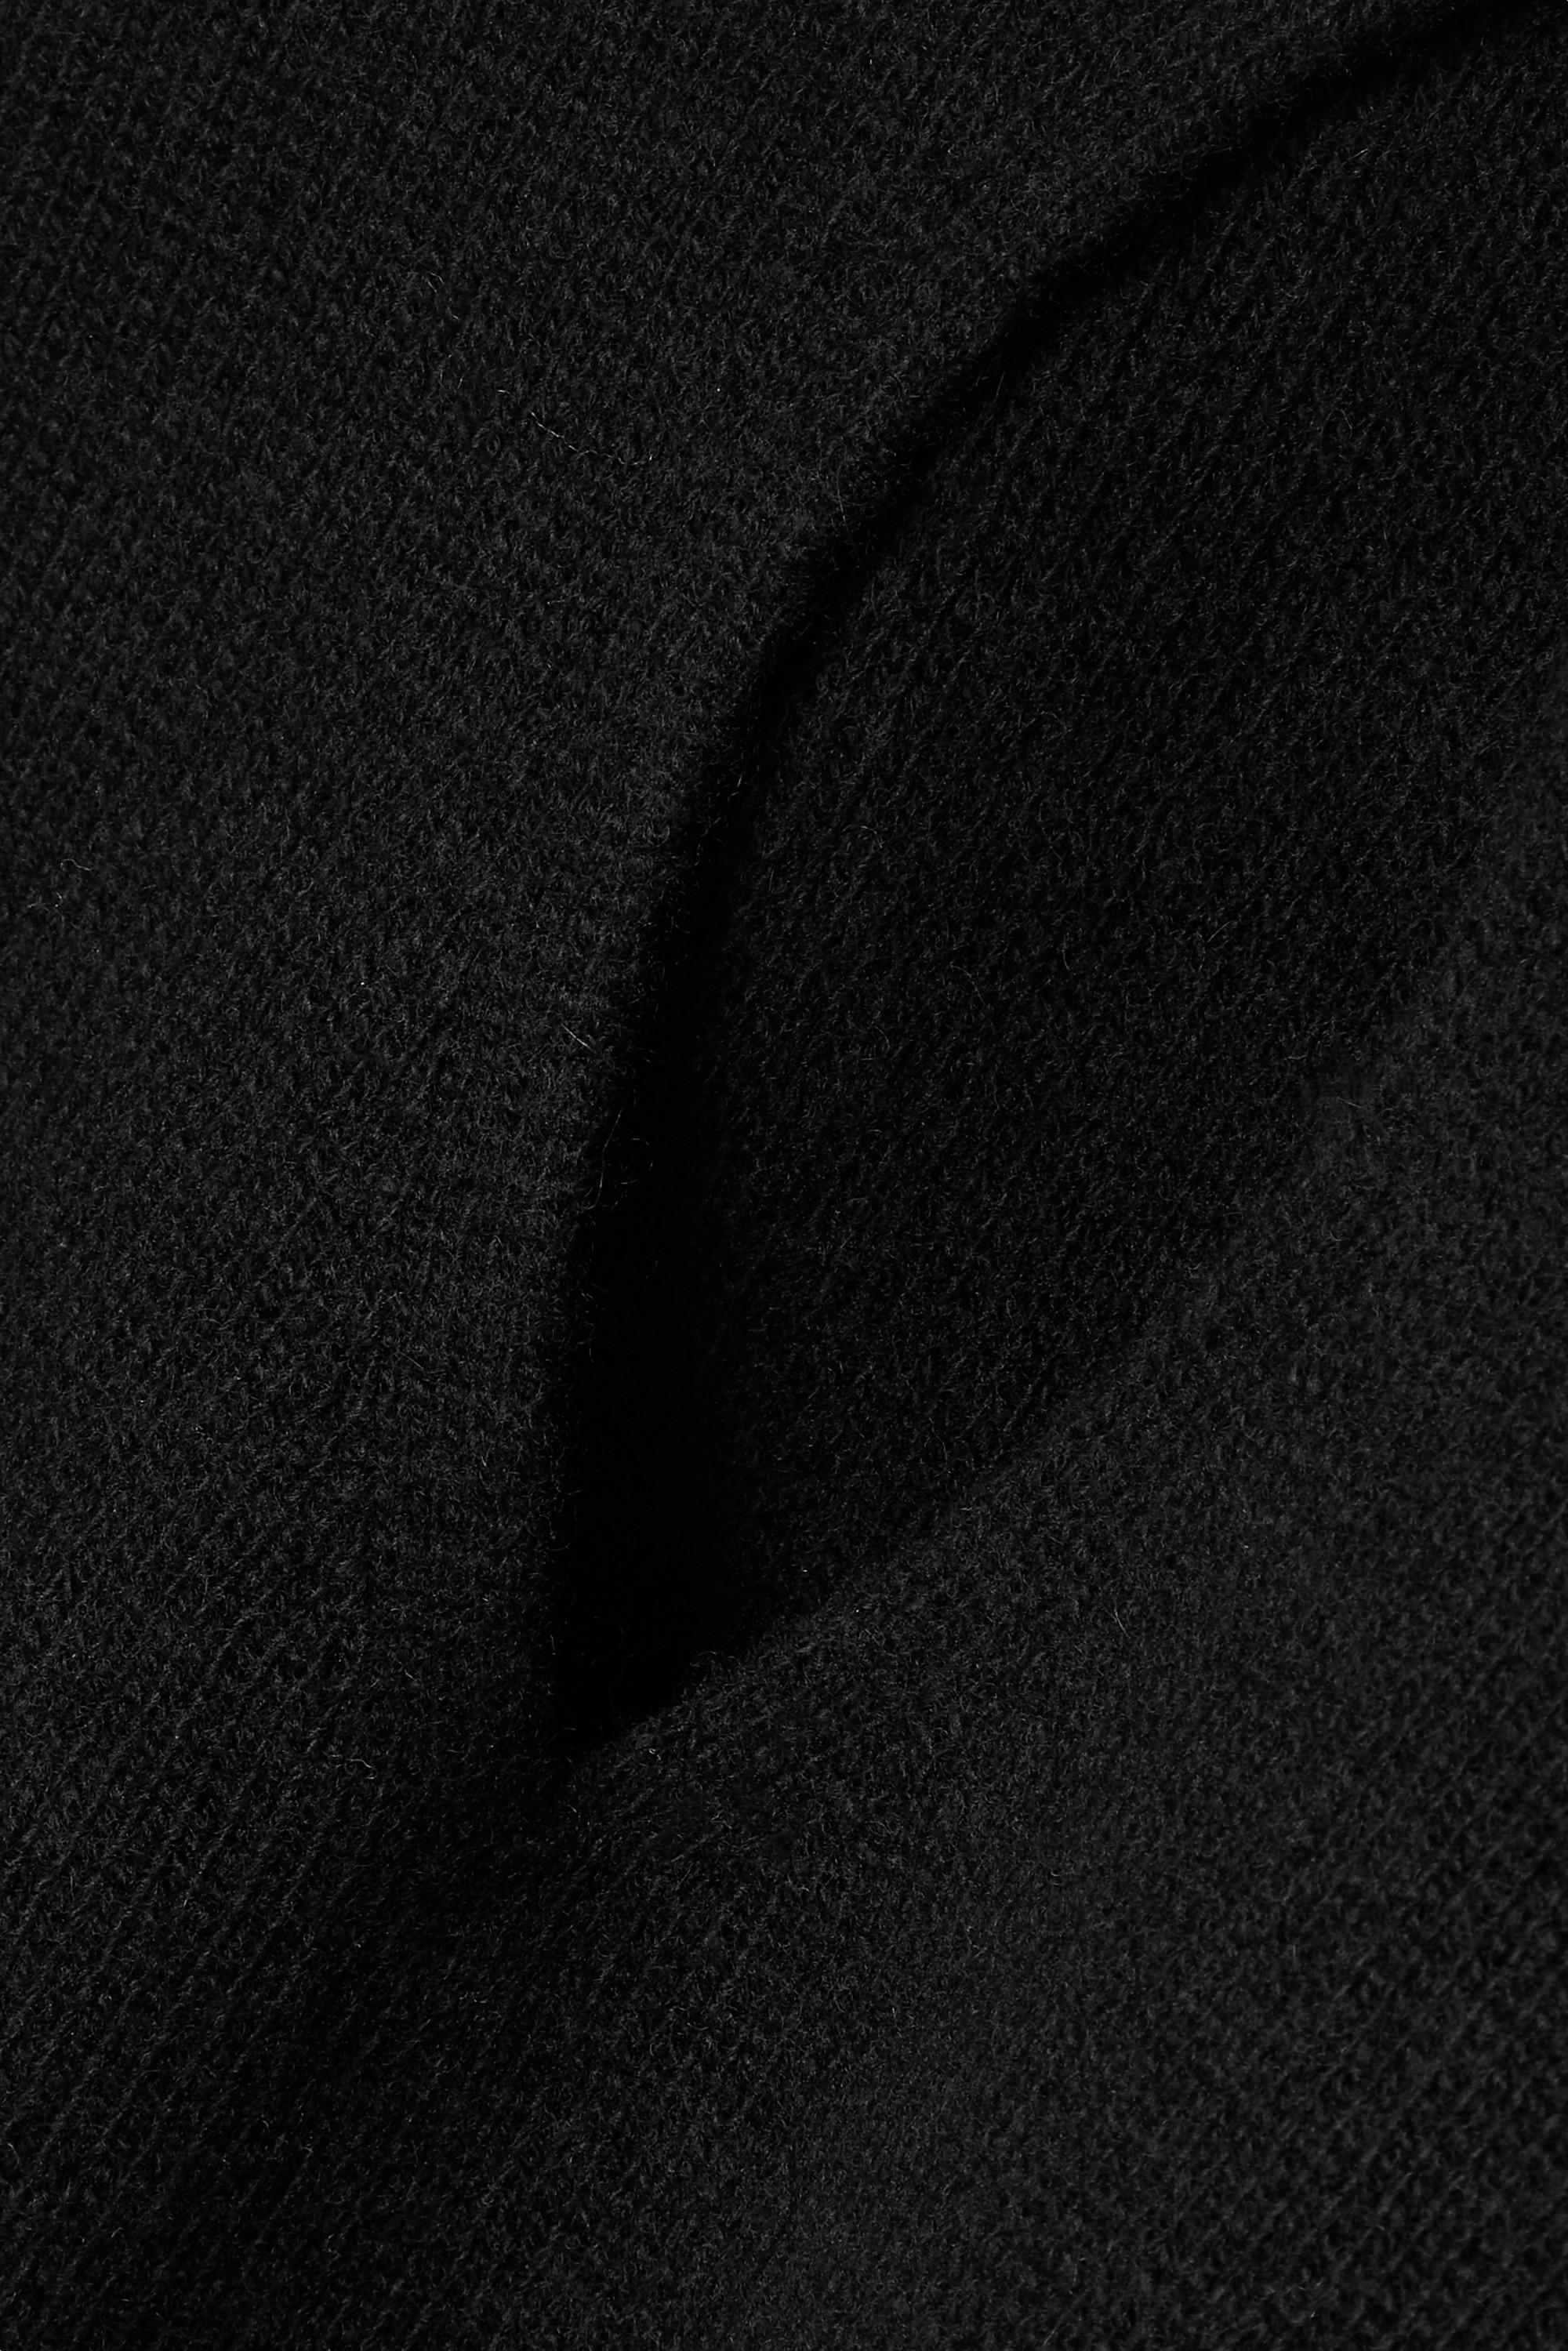 Alexander Wang Verkürzter Stehkragenpullover aus einer Wollmischung mit Cut-out und Kette